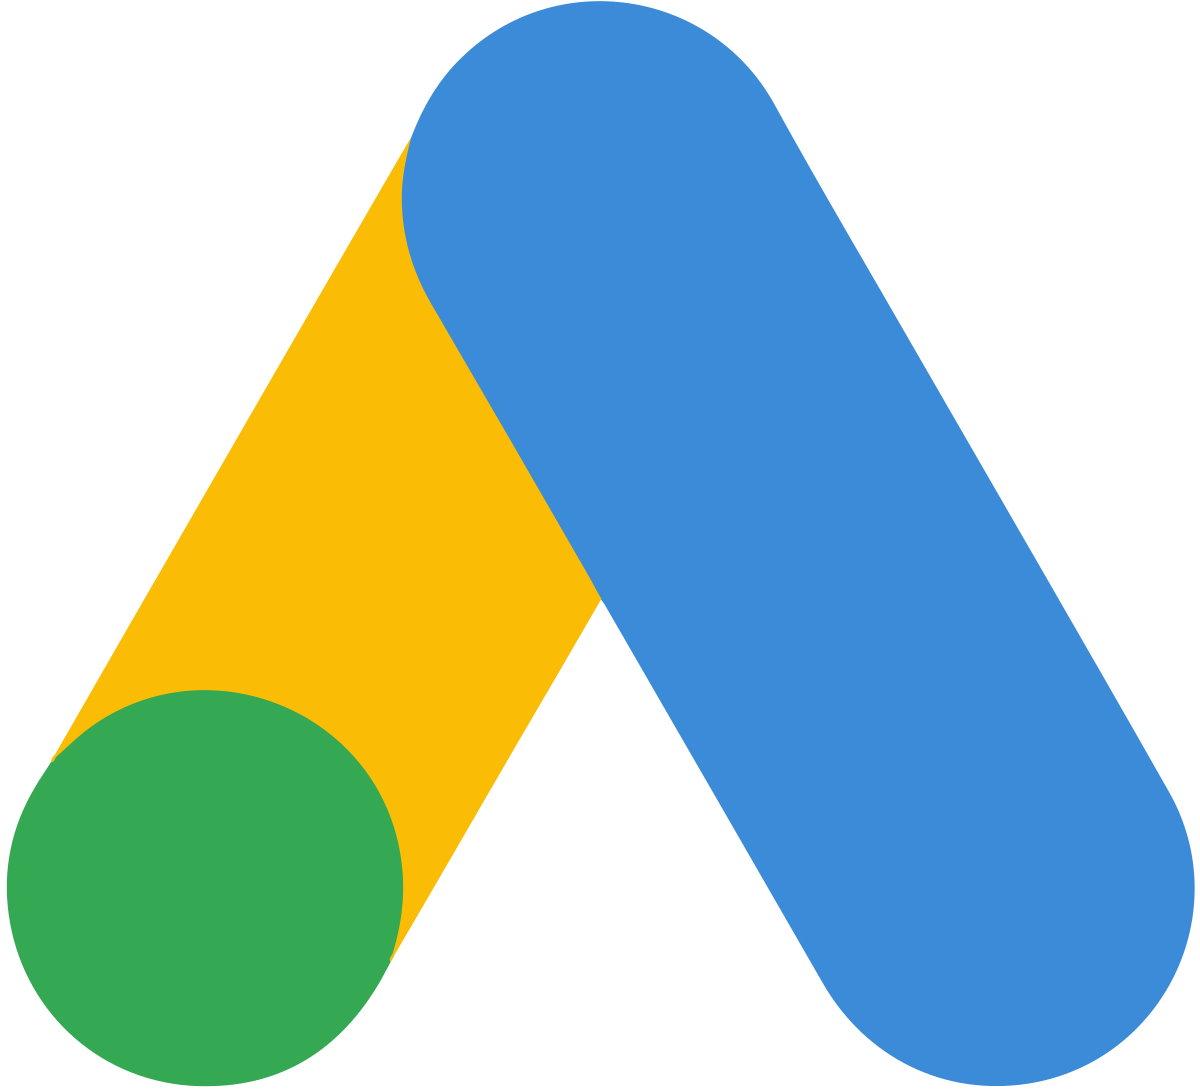 Anche l'Agcm accusa Google per abuso di posizione dominante, in questo caso nel mercato del display advertising